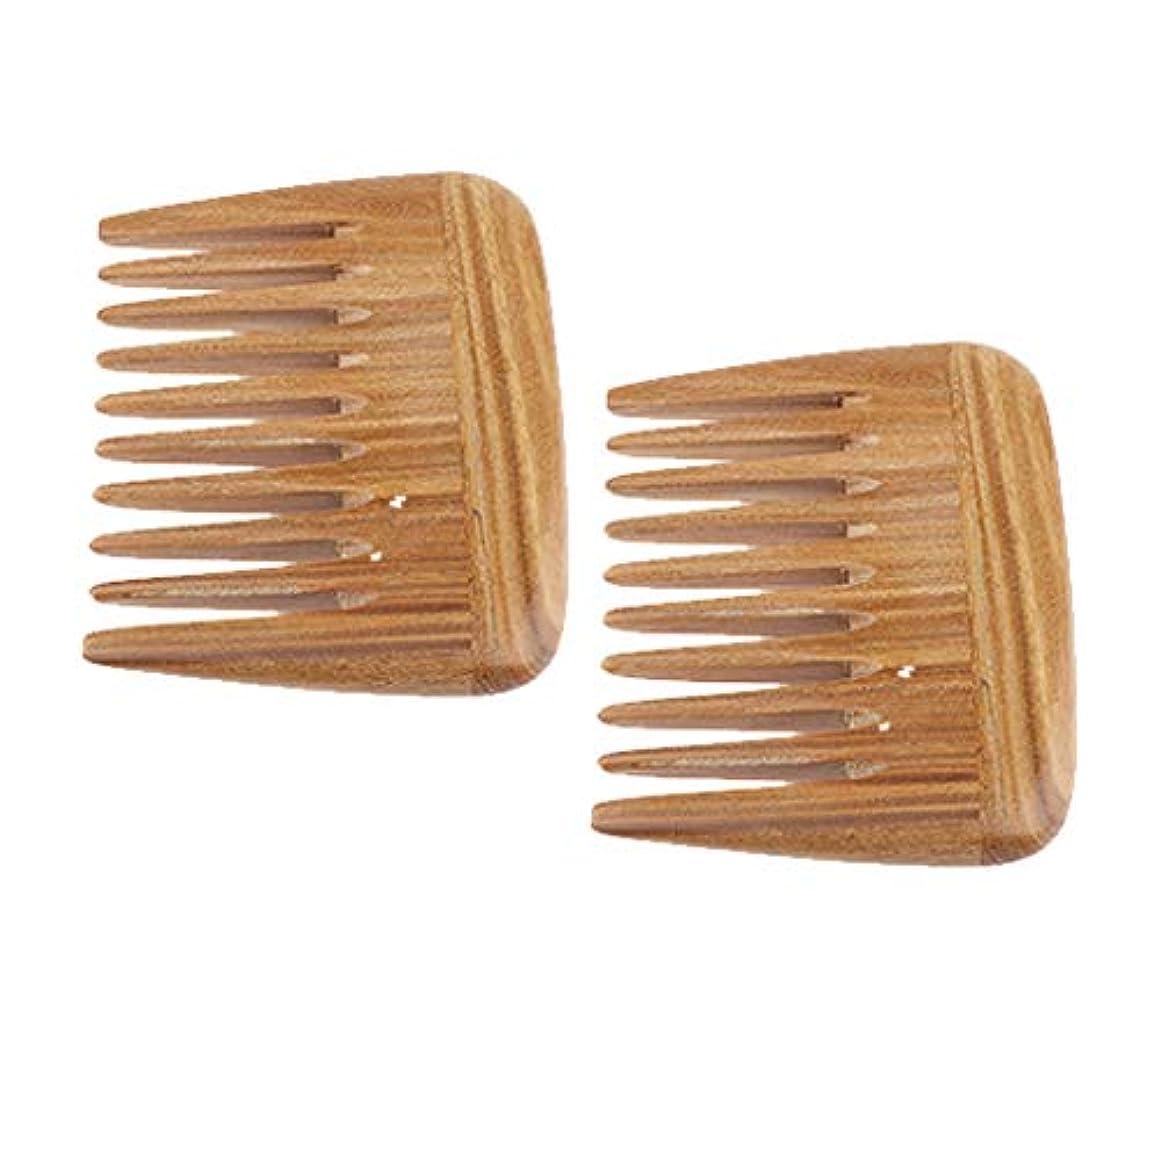 本体気づく現実2個 静電気防止櫛 ポケット 広い歯 ヘアコーム 木製櫛 プレゼント